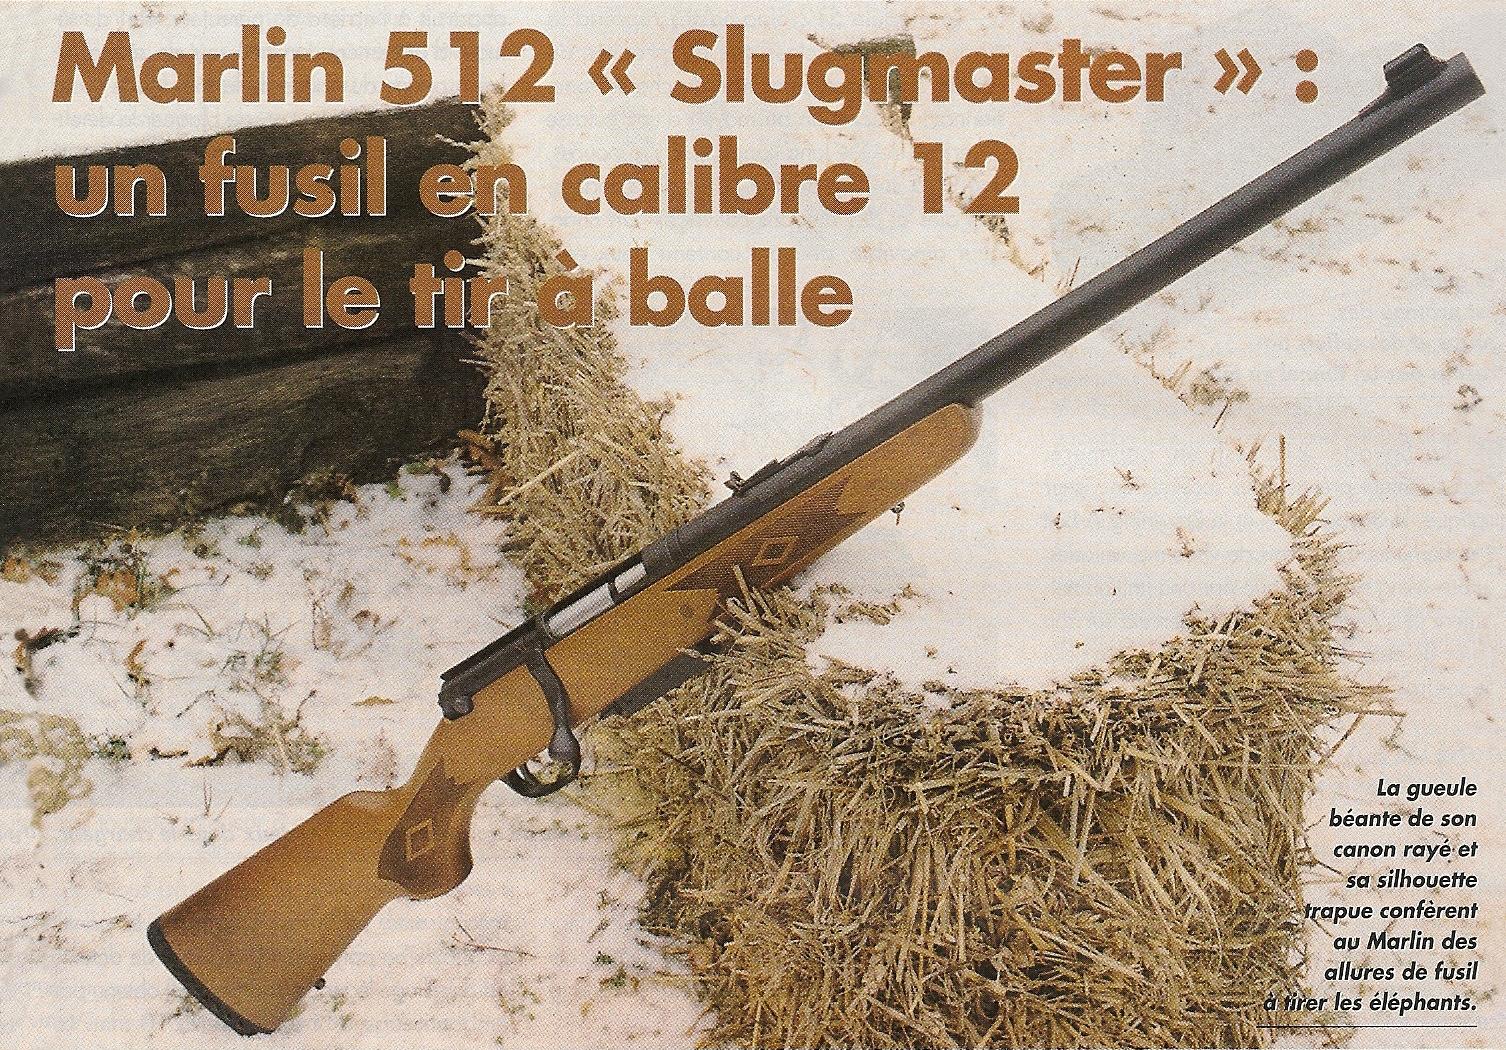 Essentiellement destinée au tir à balles en calibre 12, le Slugmaster est muni d'un canon rayé et d'une hausse réglable. Grâce à son poids assez conséquent et à la présence d'une épaisse plaque de couche en caoutchouc, il n'offre pas un trop violent recul, même lors du tir des balles les plus lourdes.